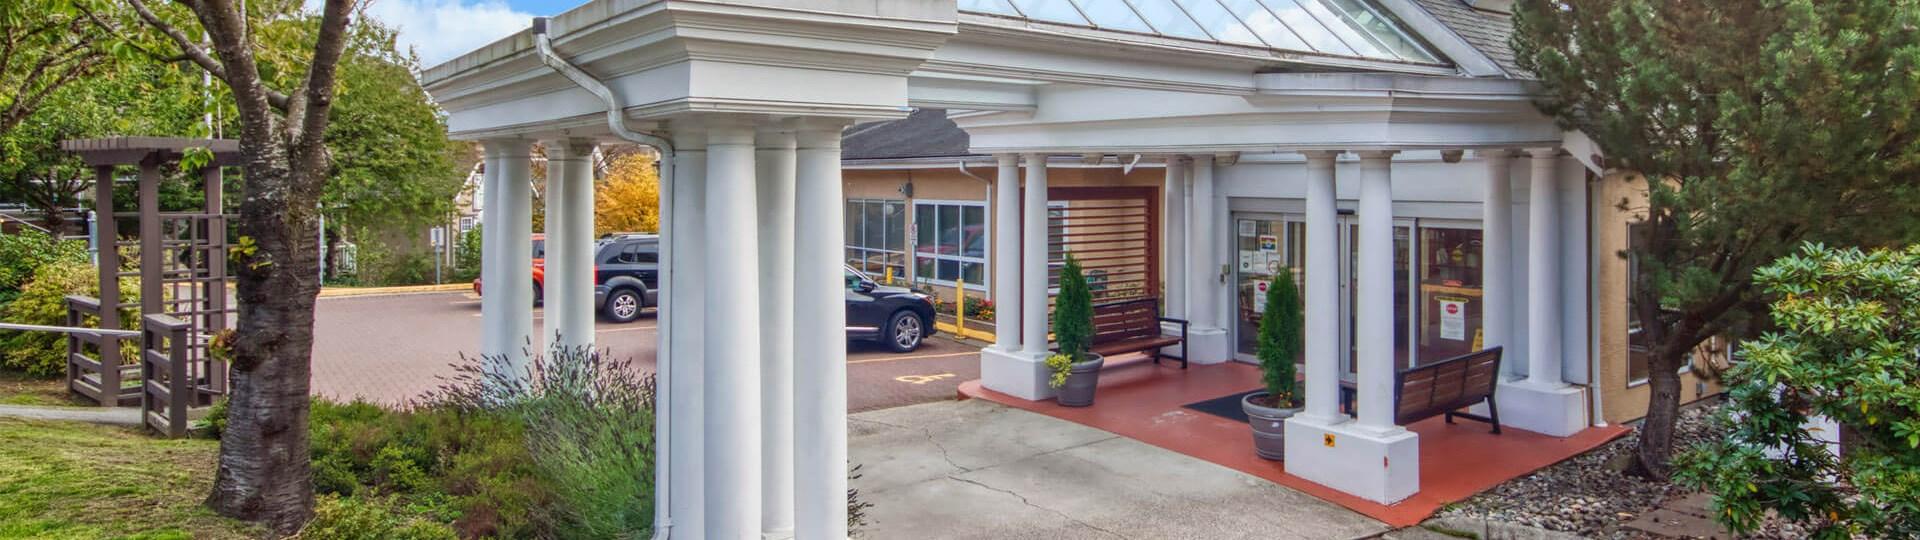 Revera Royal City Manor Long Term Care Home